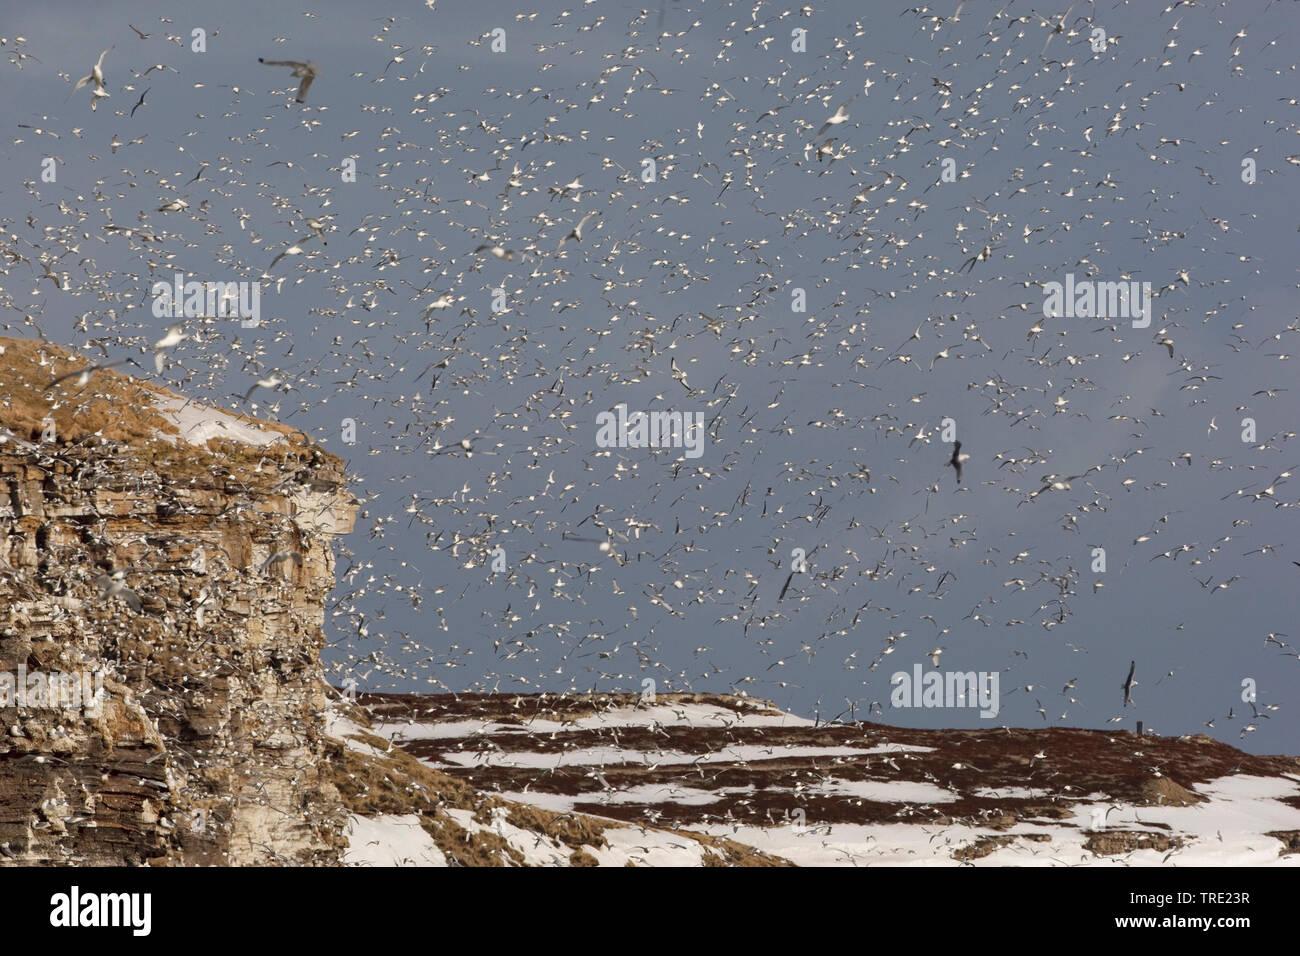 Dreizehenmoewe, Dreizehen-Moewe (Rissa tridactyla, Larus tridactyla), riesiger Schwarm am Varangerfjord an der Brutkolonie, Norwegen, Ekkeroy | black- - Stock Image